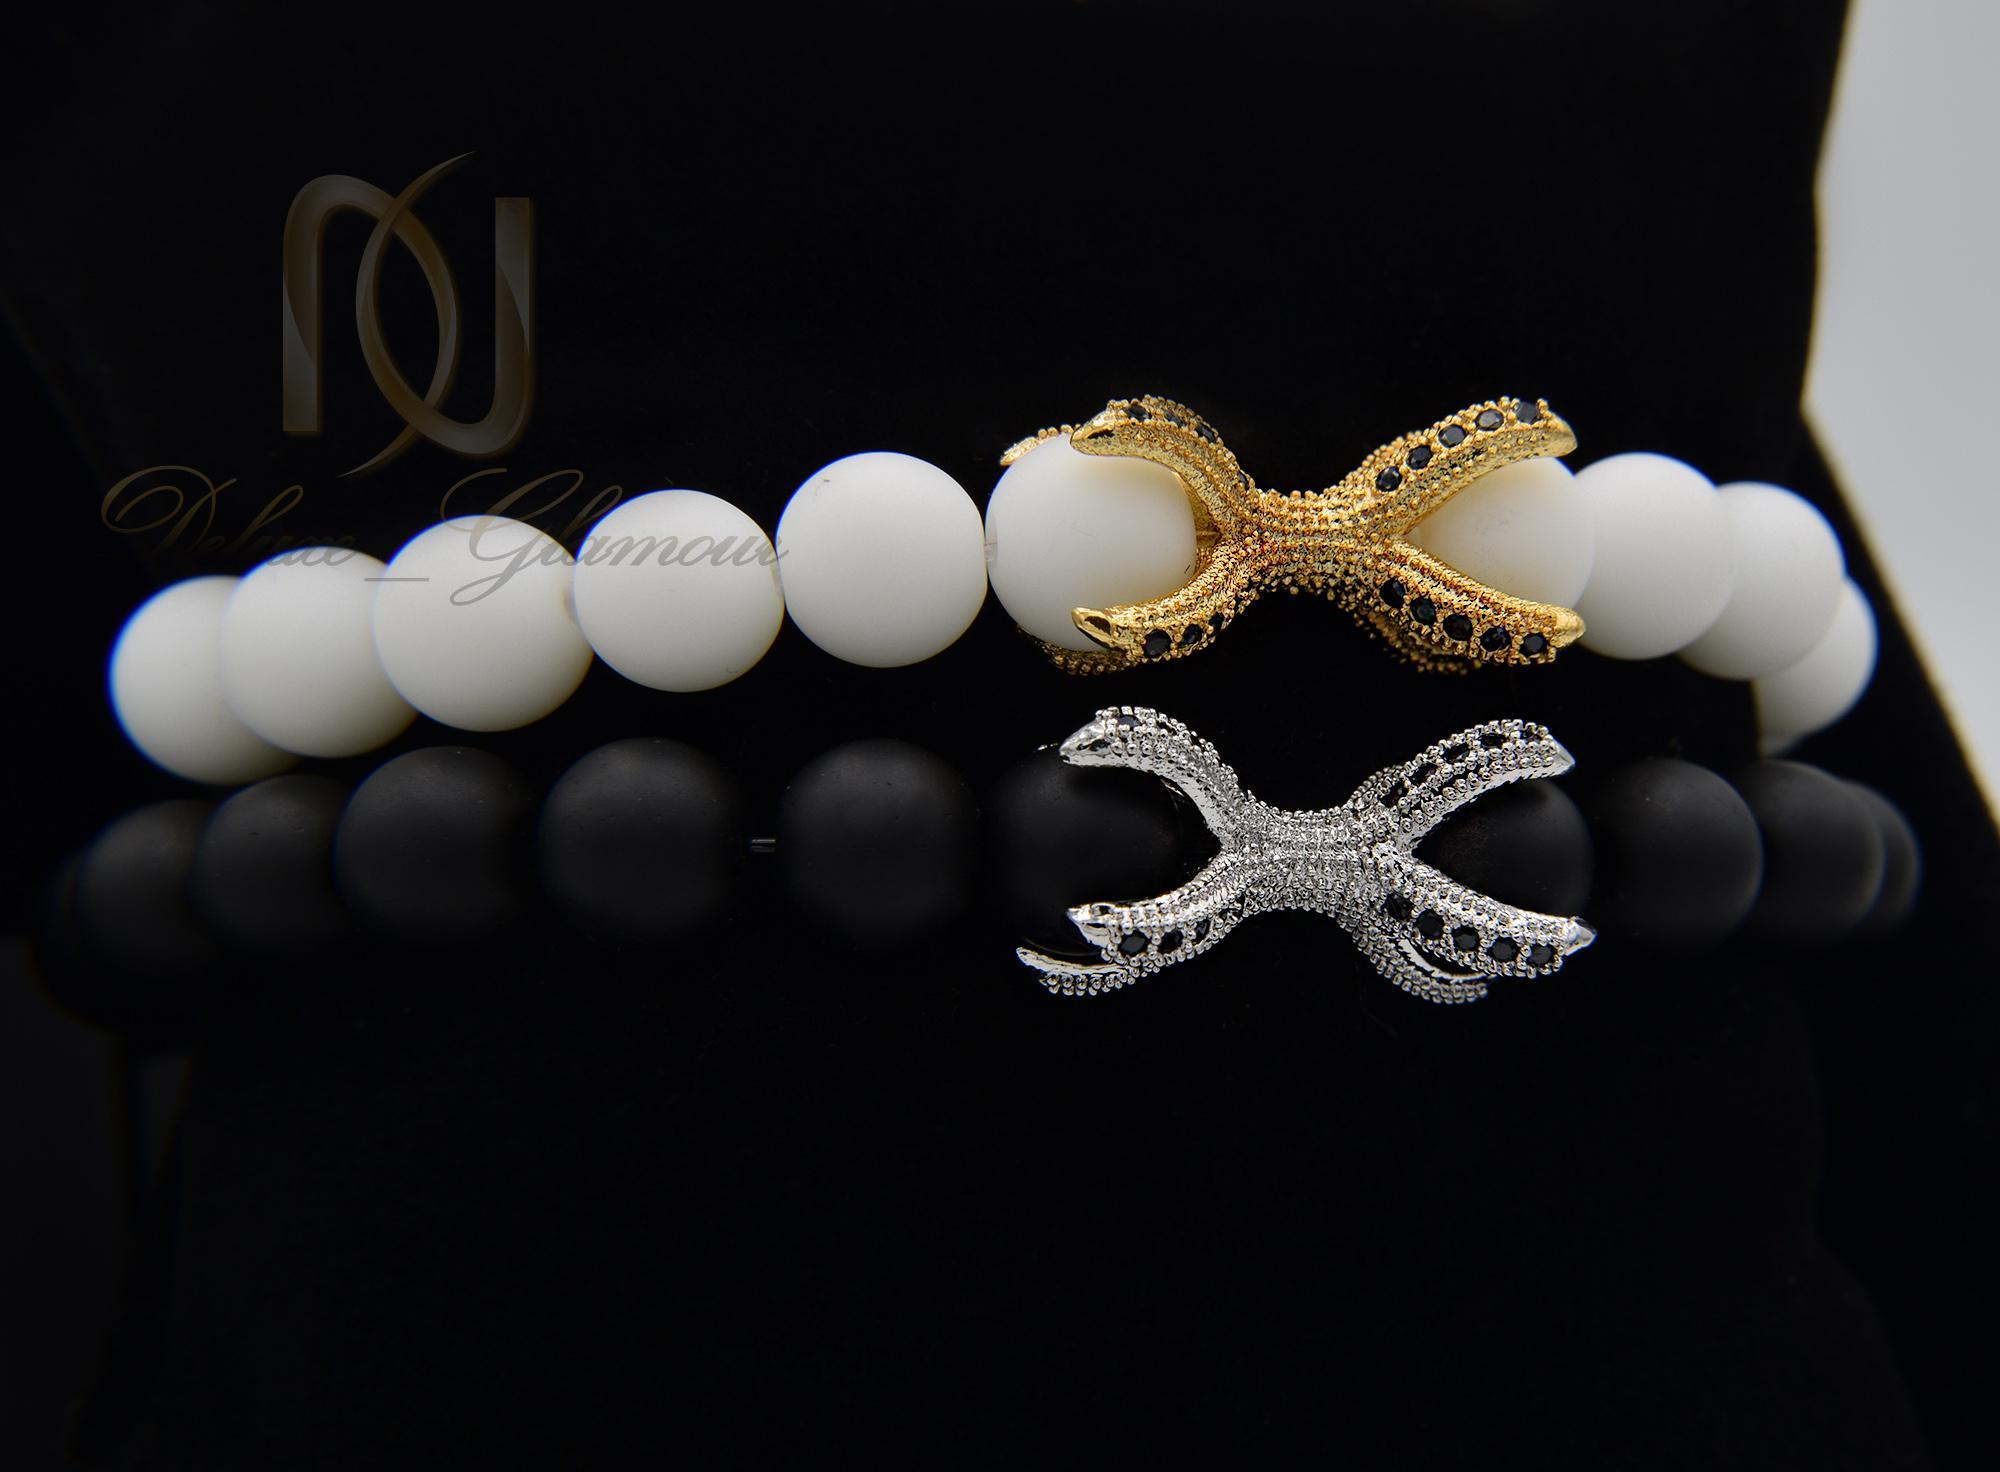 دستبند ست اونیکس با مهره چنگال عقاب ds-n349 از نمای نزدیک